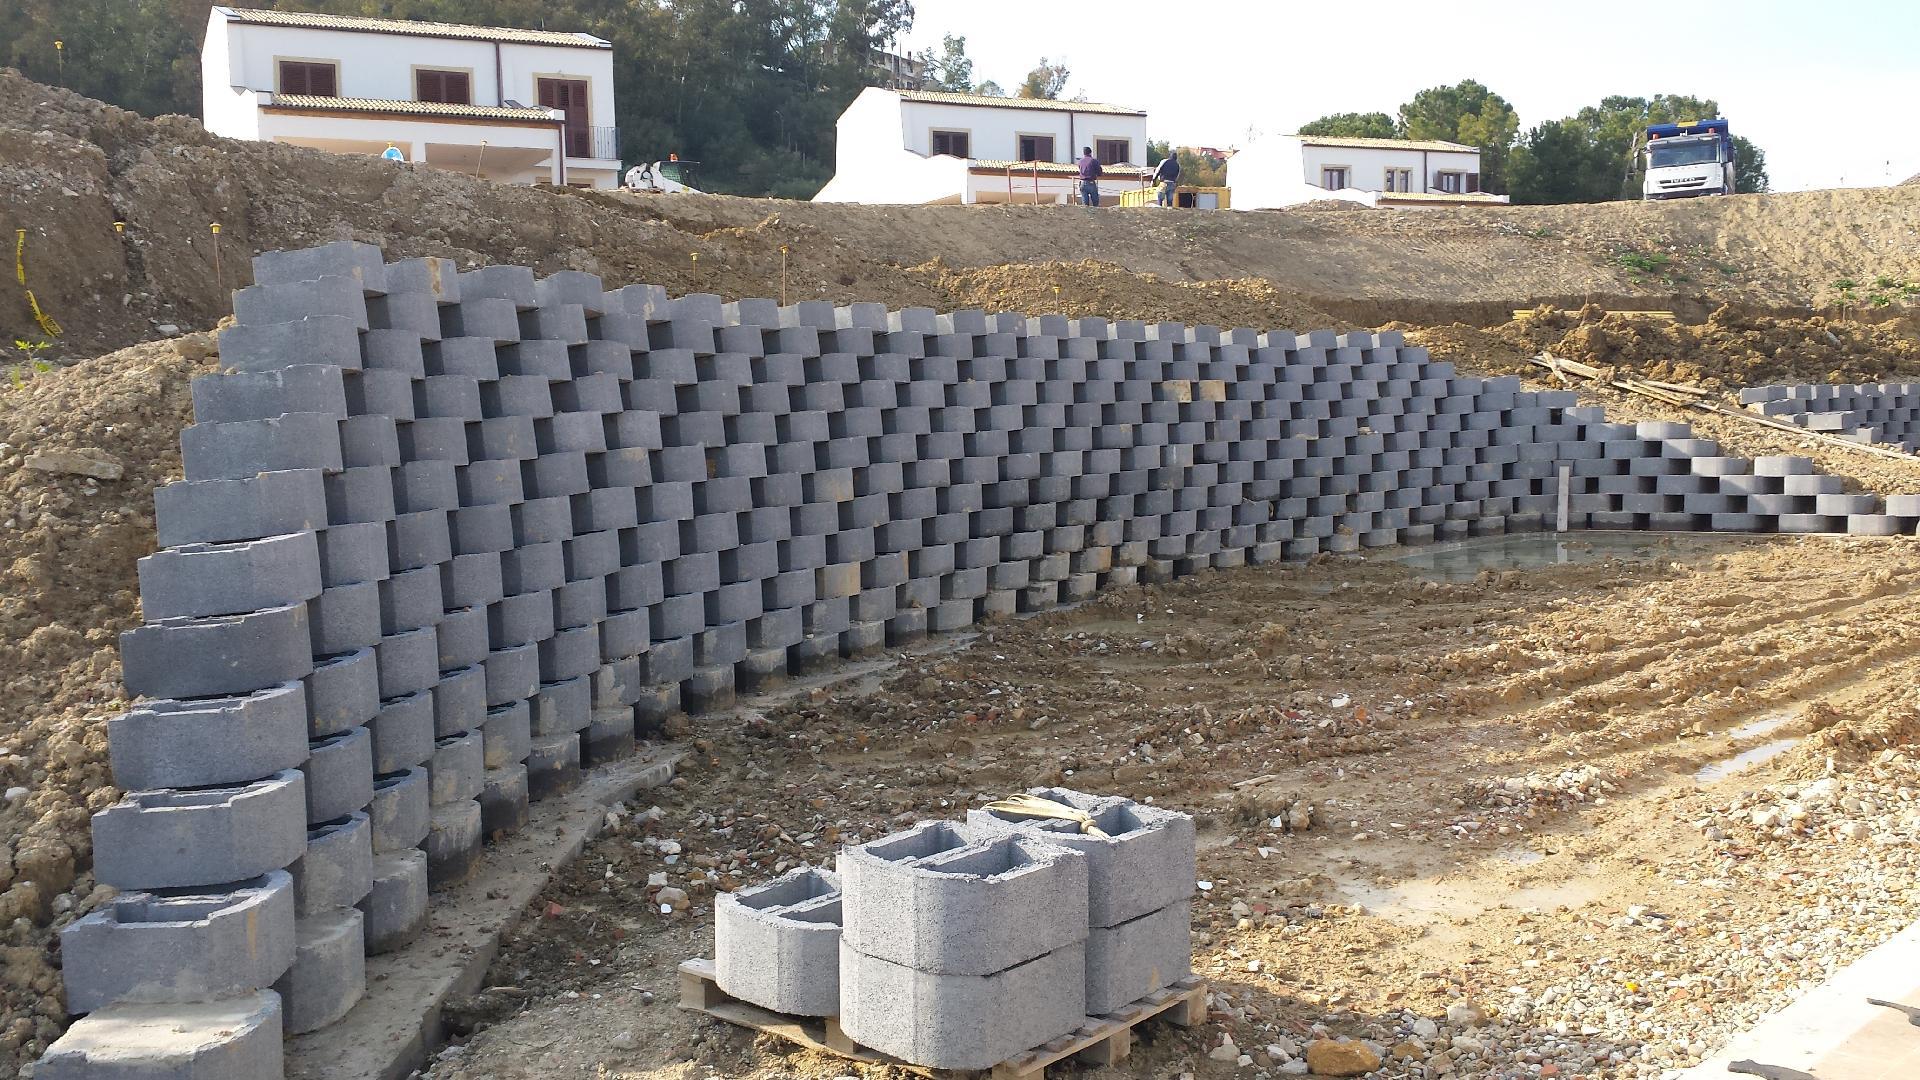 Blocchetti Di Cemento Per Recinzioni.Blocchi In Cemento Per Muri A Secco E Per Mantenimento